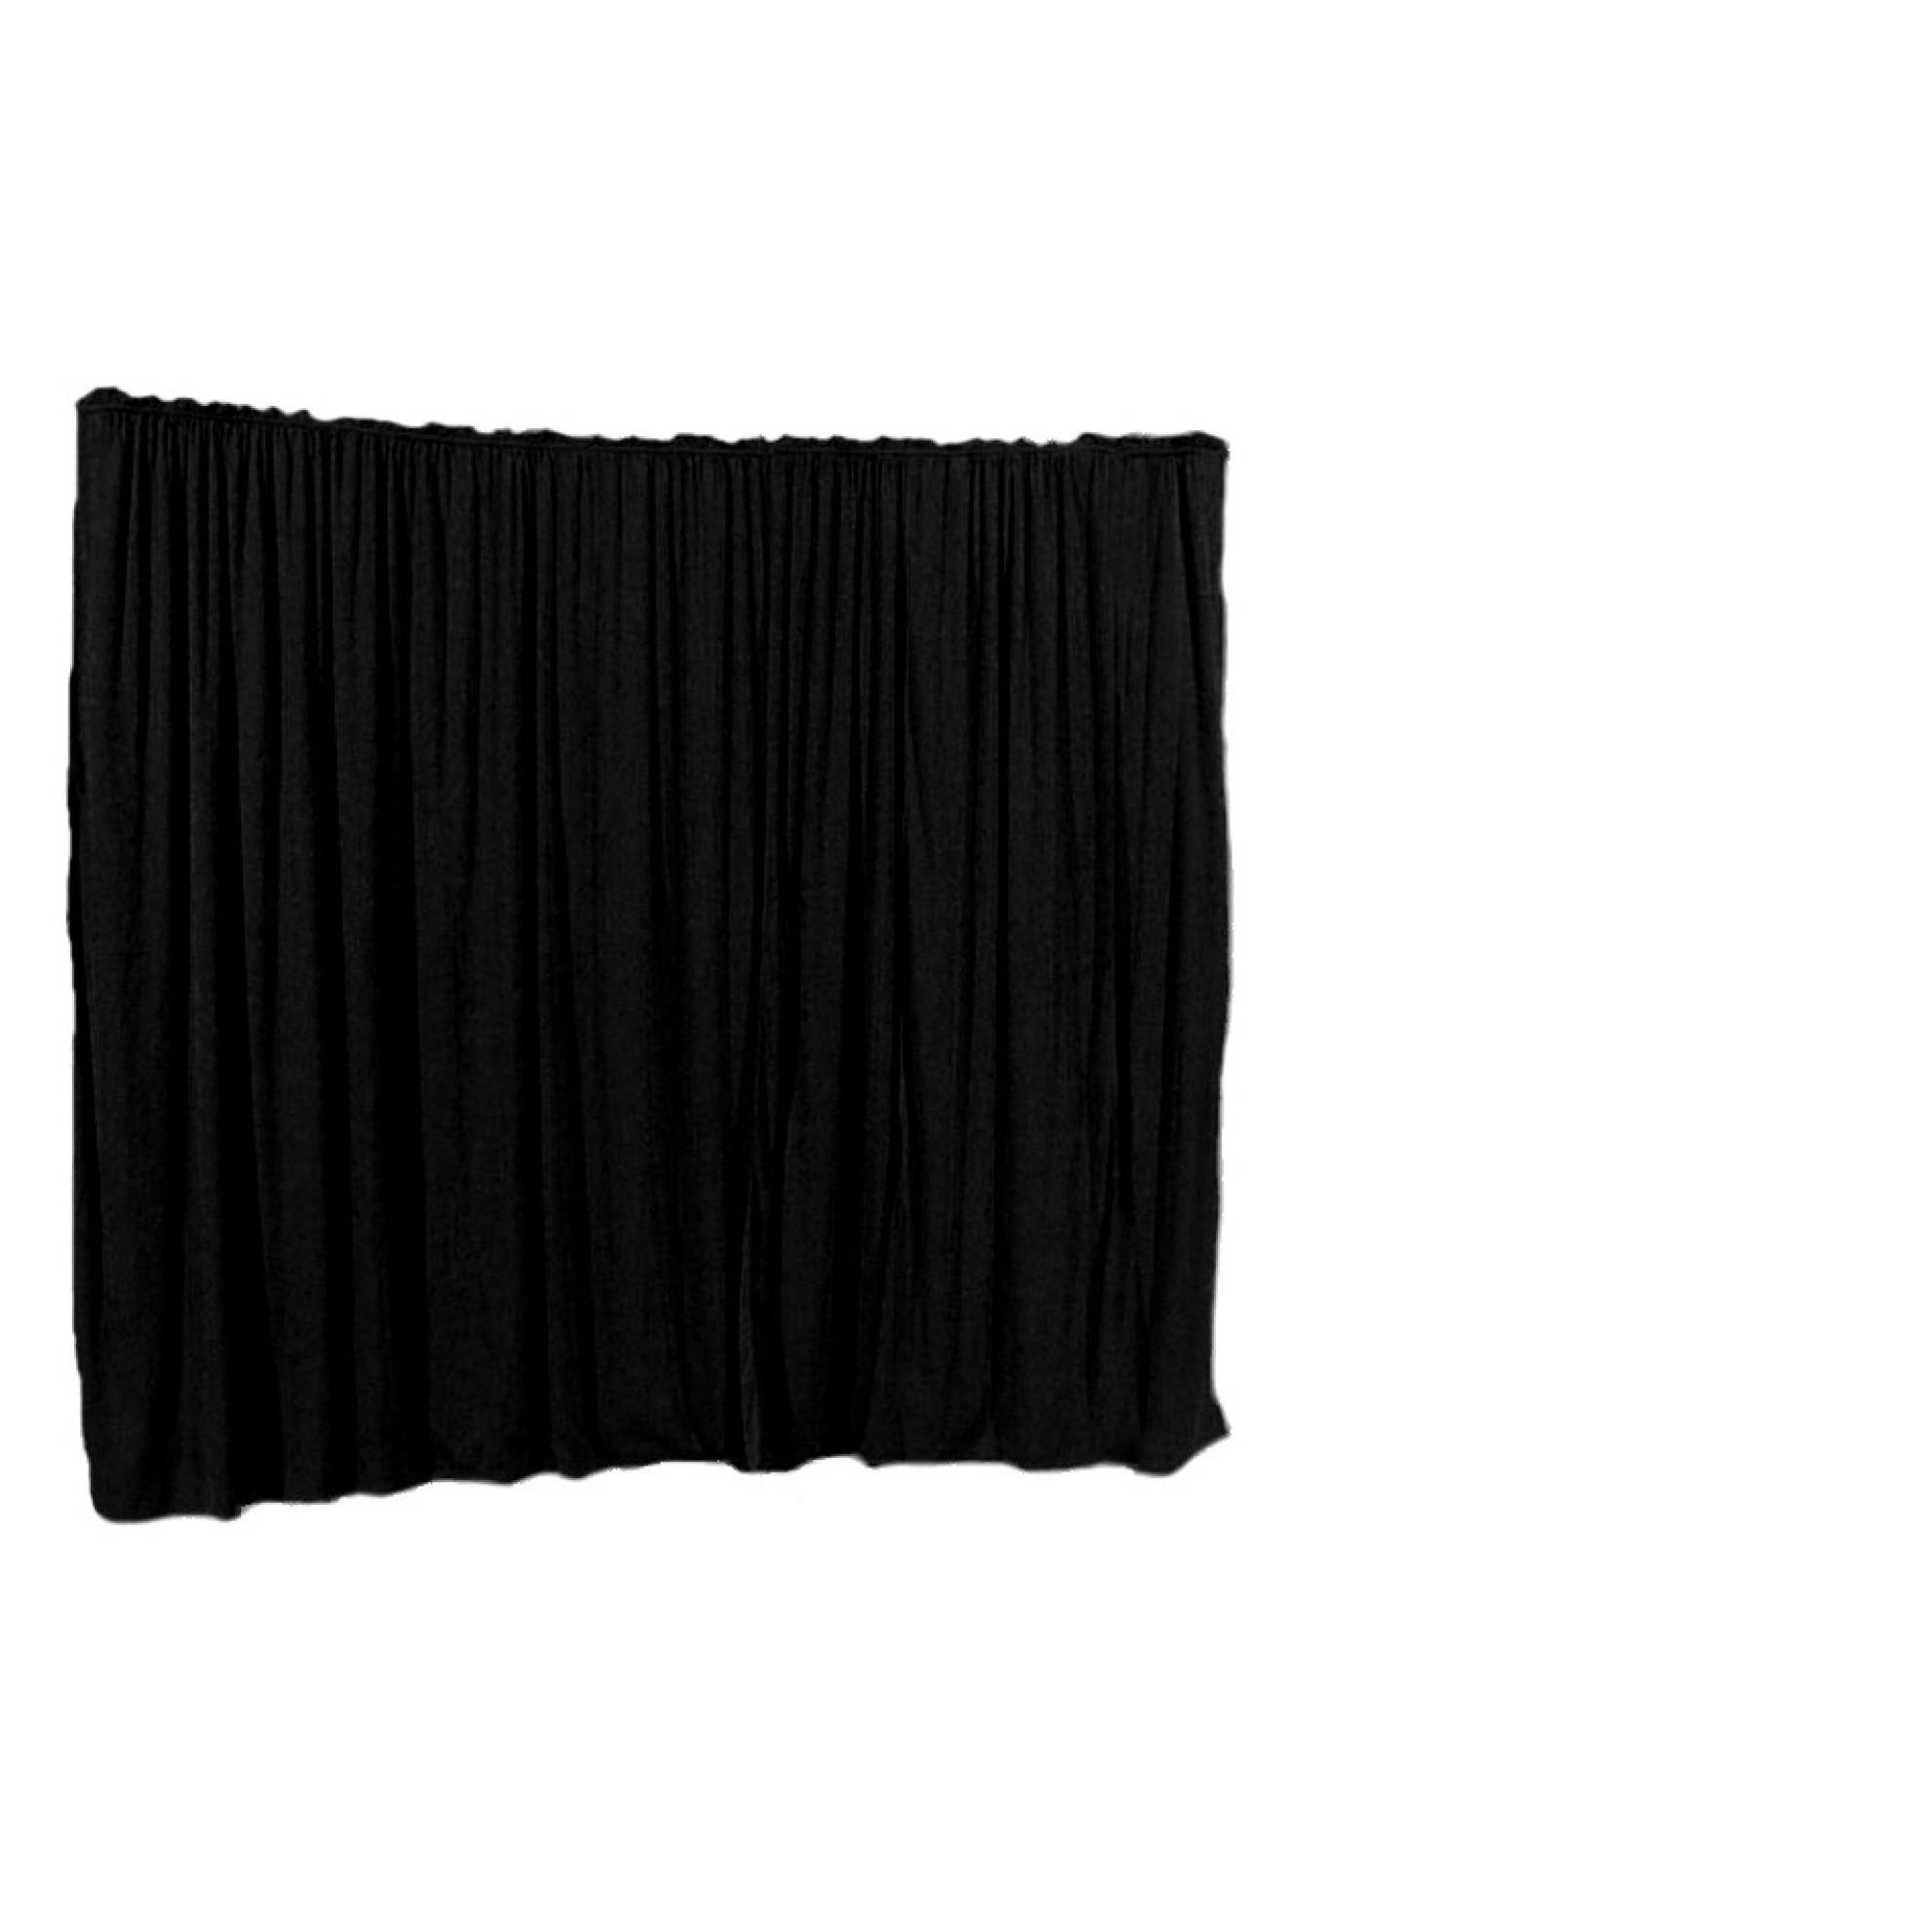 vorhang spider flex 3 x 3 felder schwarz ohne gestell. Black Bedroom Furniture Sets. Home Design Ideas